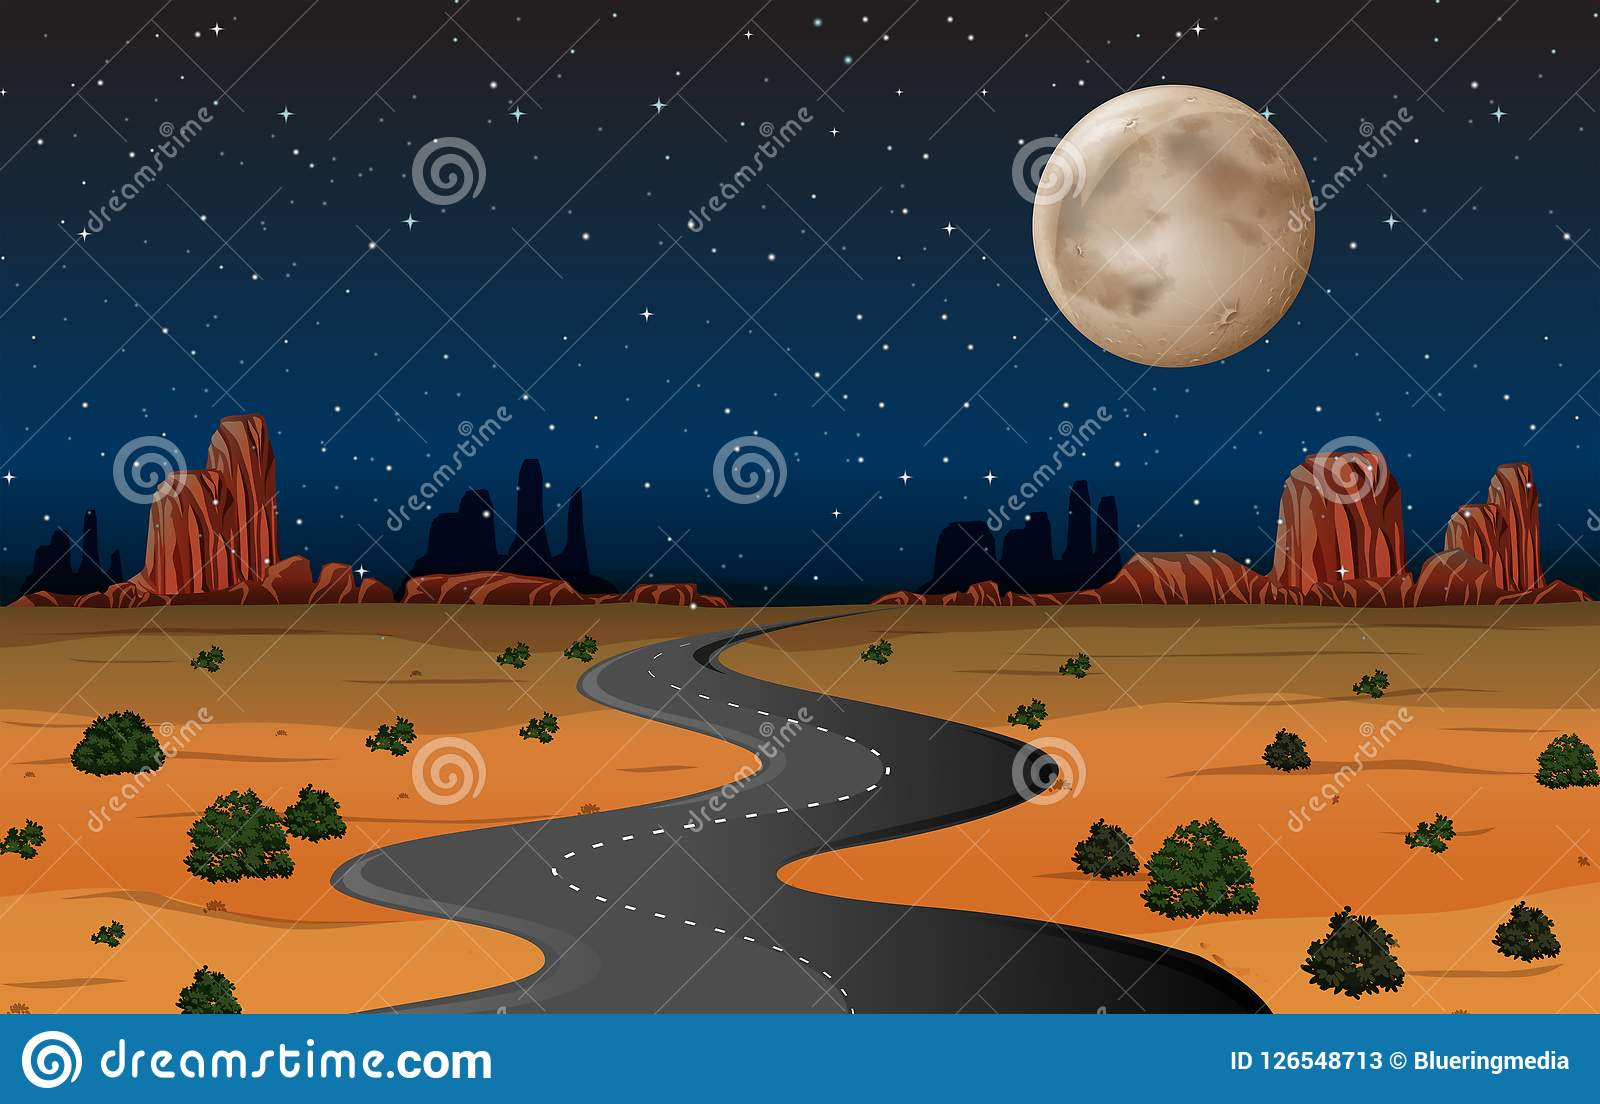 De woestijnweg van Arizona bij nacht